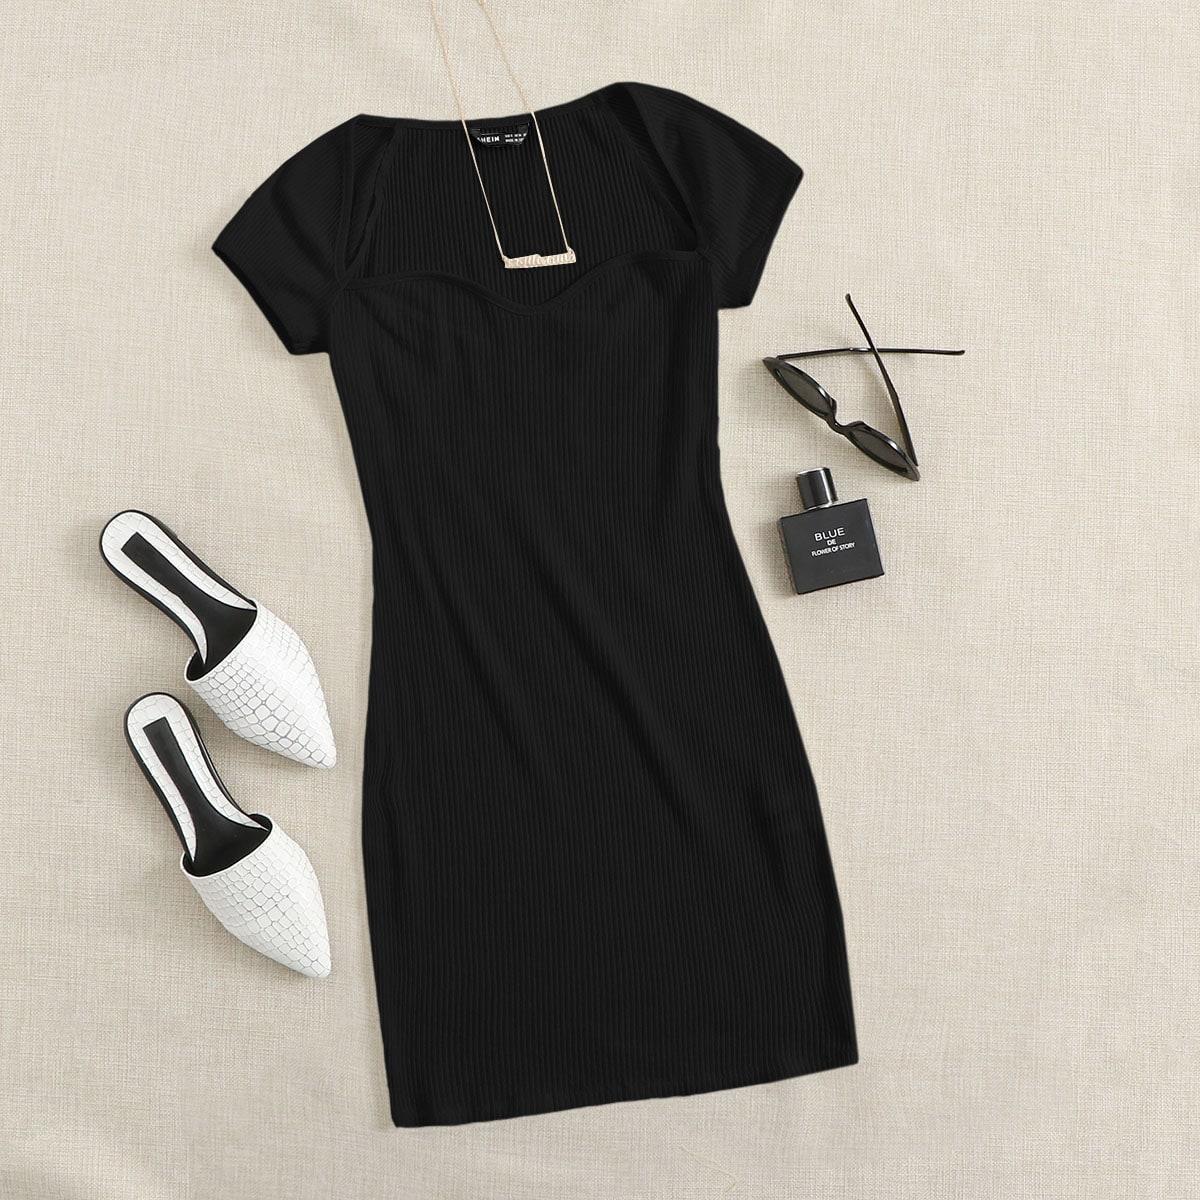 Трикотажное облегающее платье с воротником-сердечком